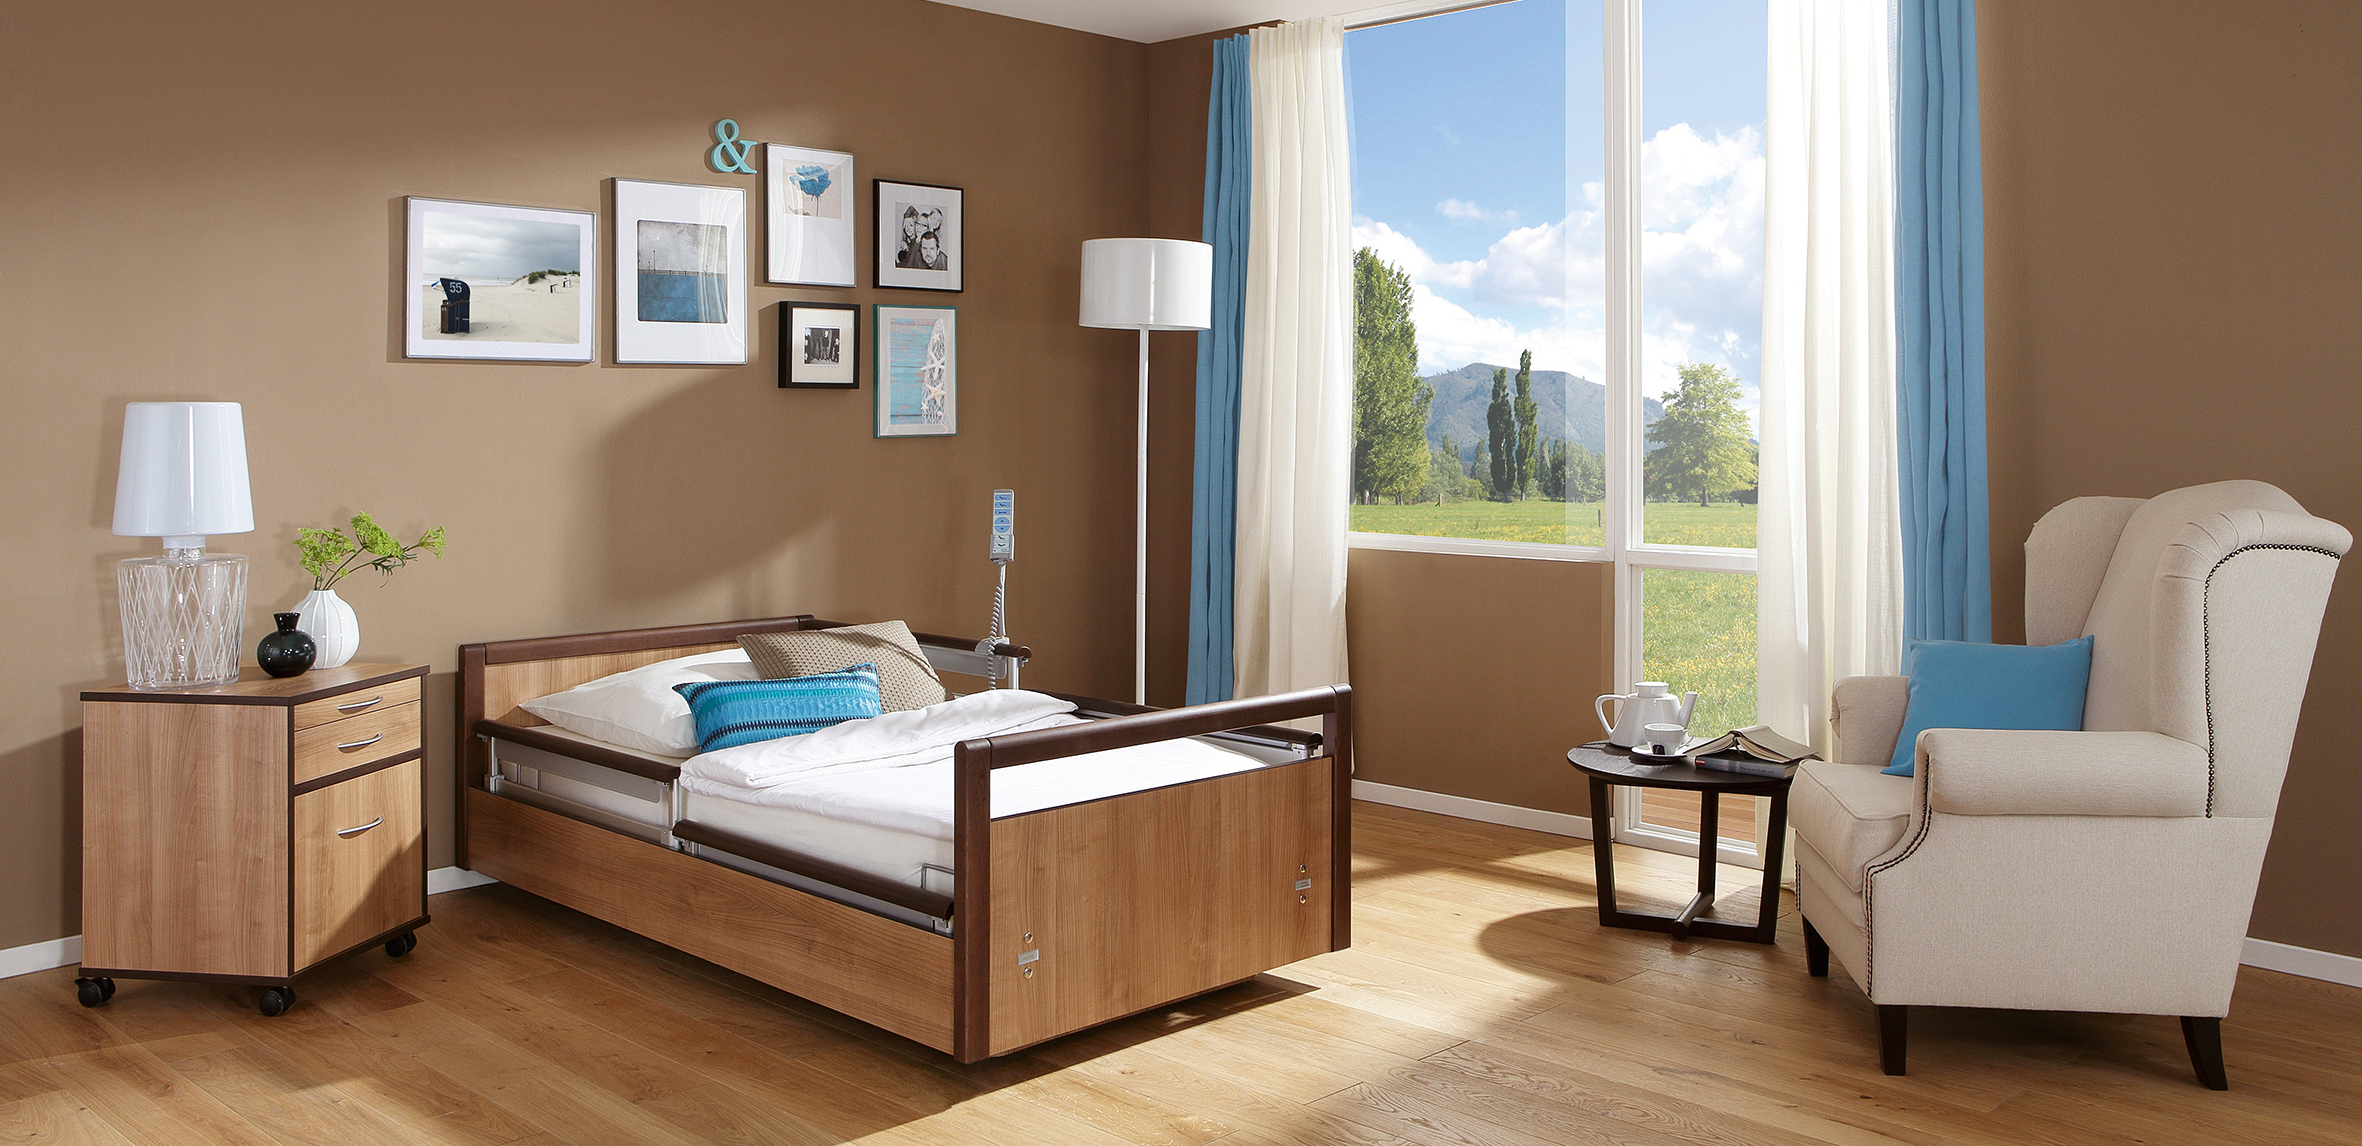 Komfortzone patientenzimmer teil 2 pflege for Raumgestaltung altenheim